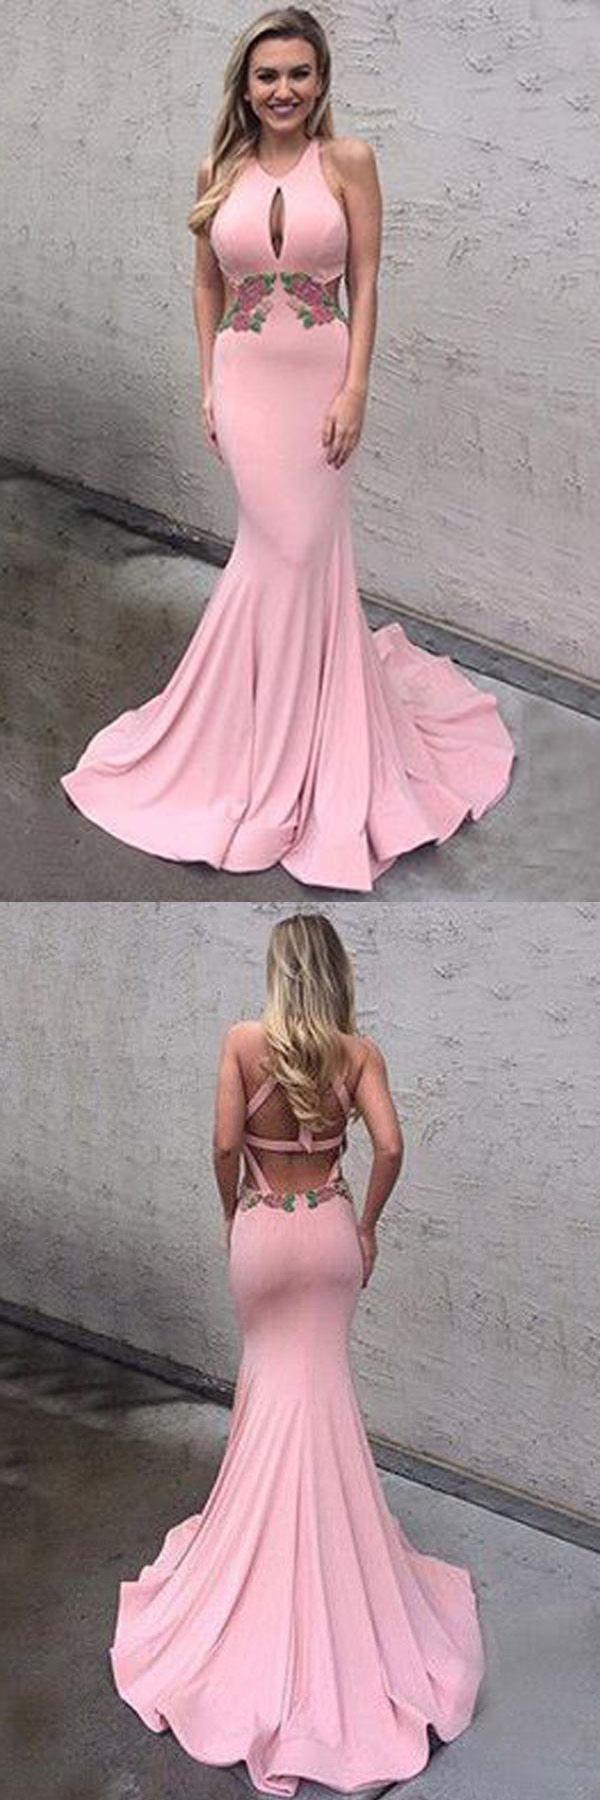 Moderno Sexy Vestidos De Fiesta Armarios Ideas Ornamento Elaboración ...